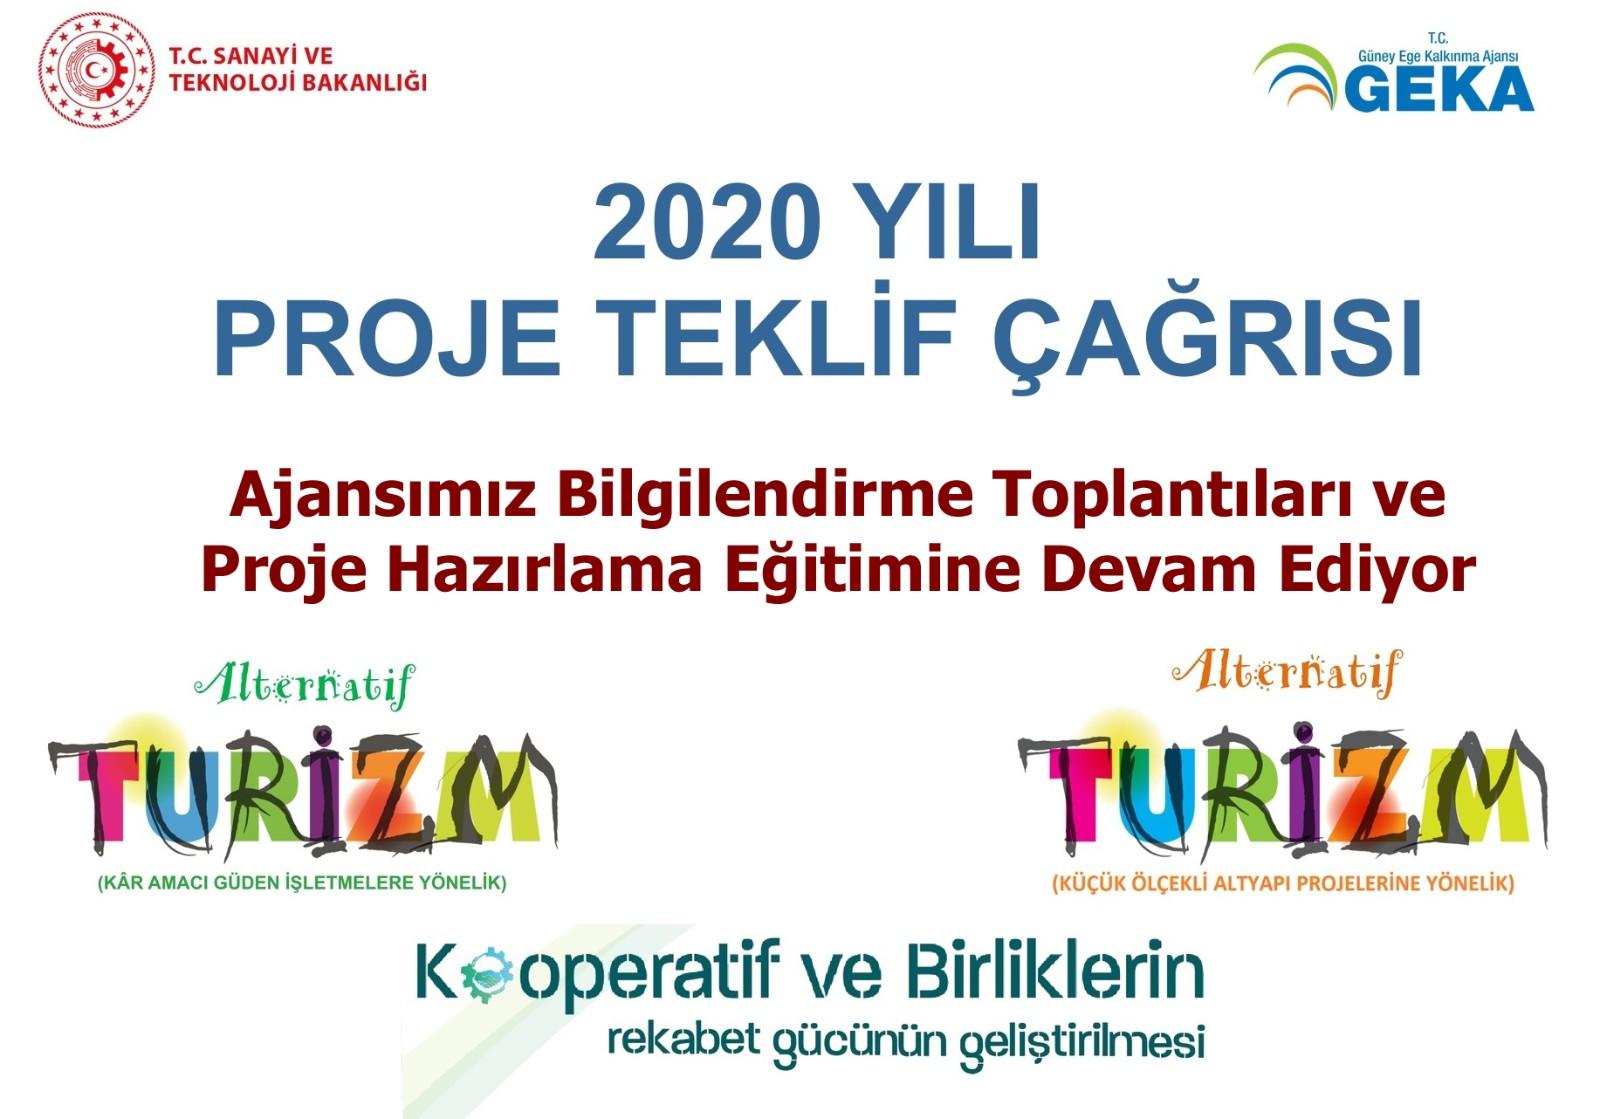 Ajansımız Bilgilendirme Toplantıları ve Proje Hazırlama Eğitimine Devam Ediyor